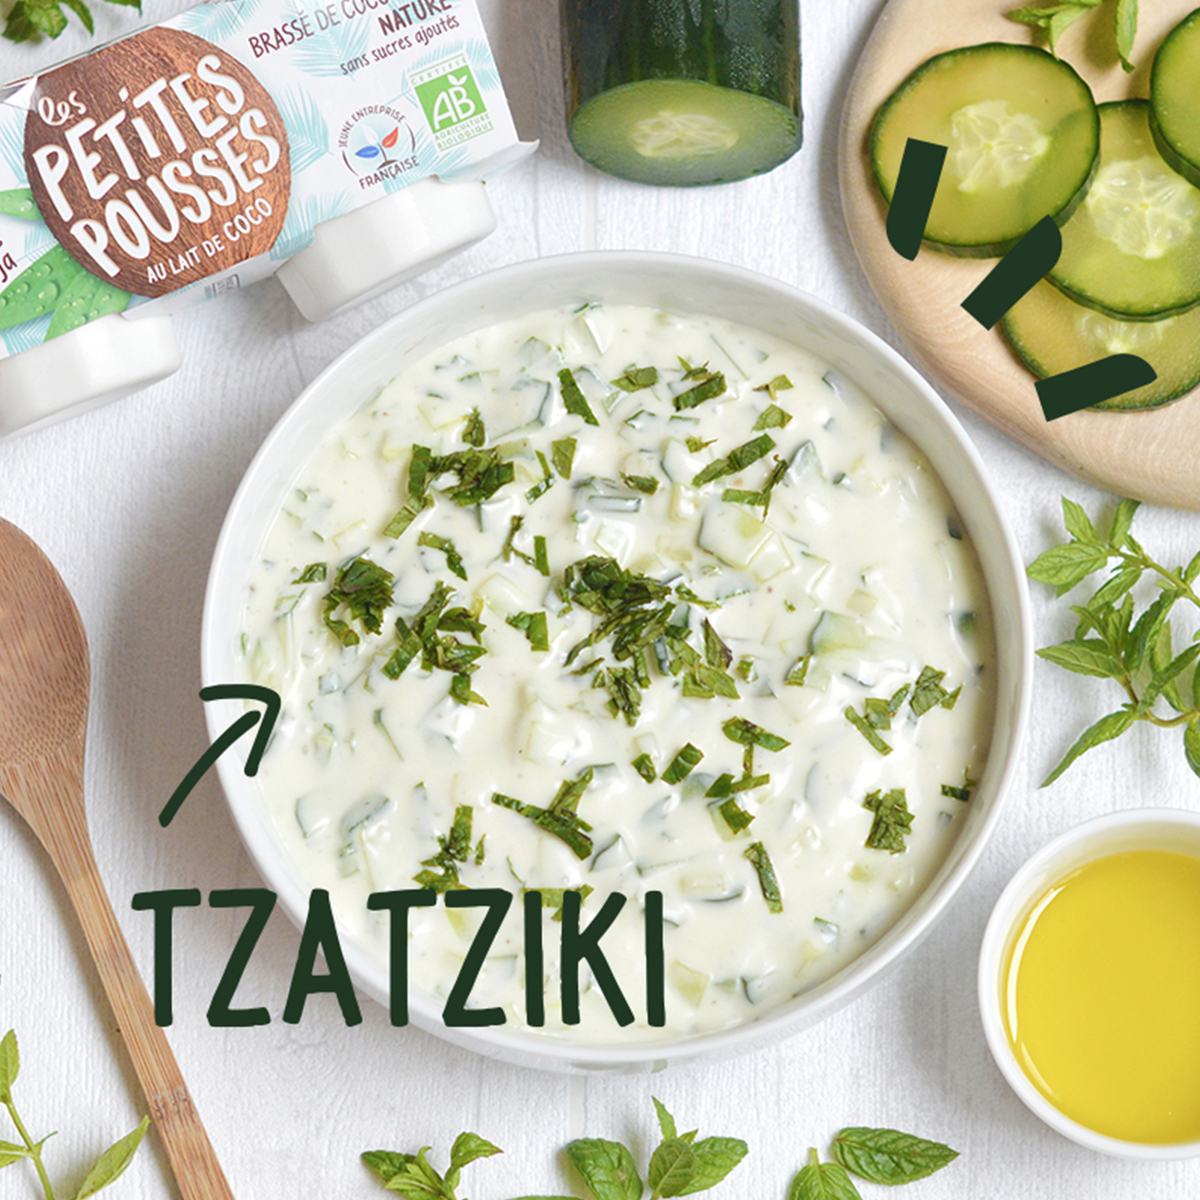 Recette tzatziki Coco vegan au brassé végétal bio